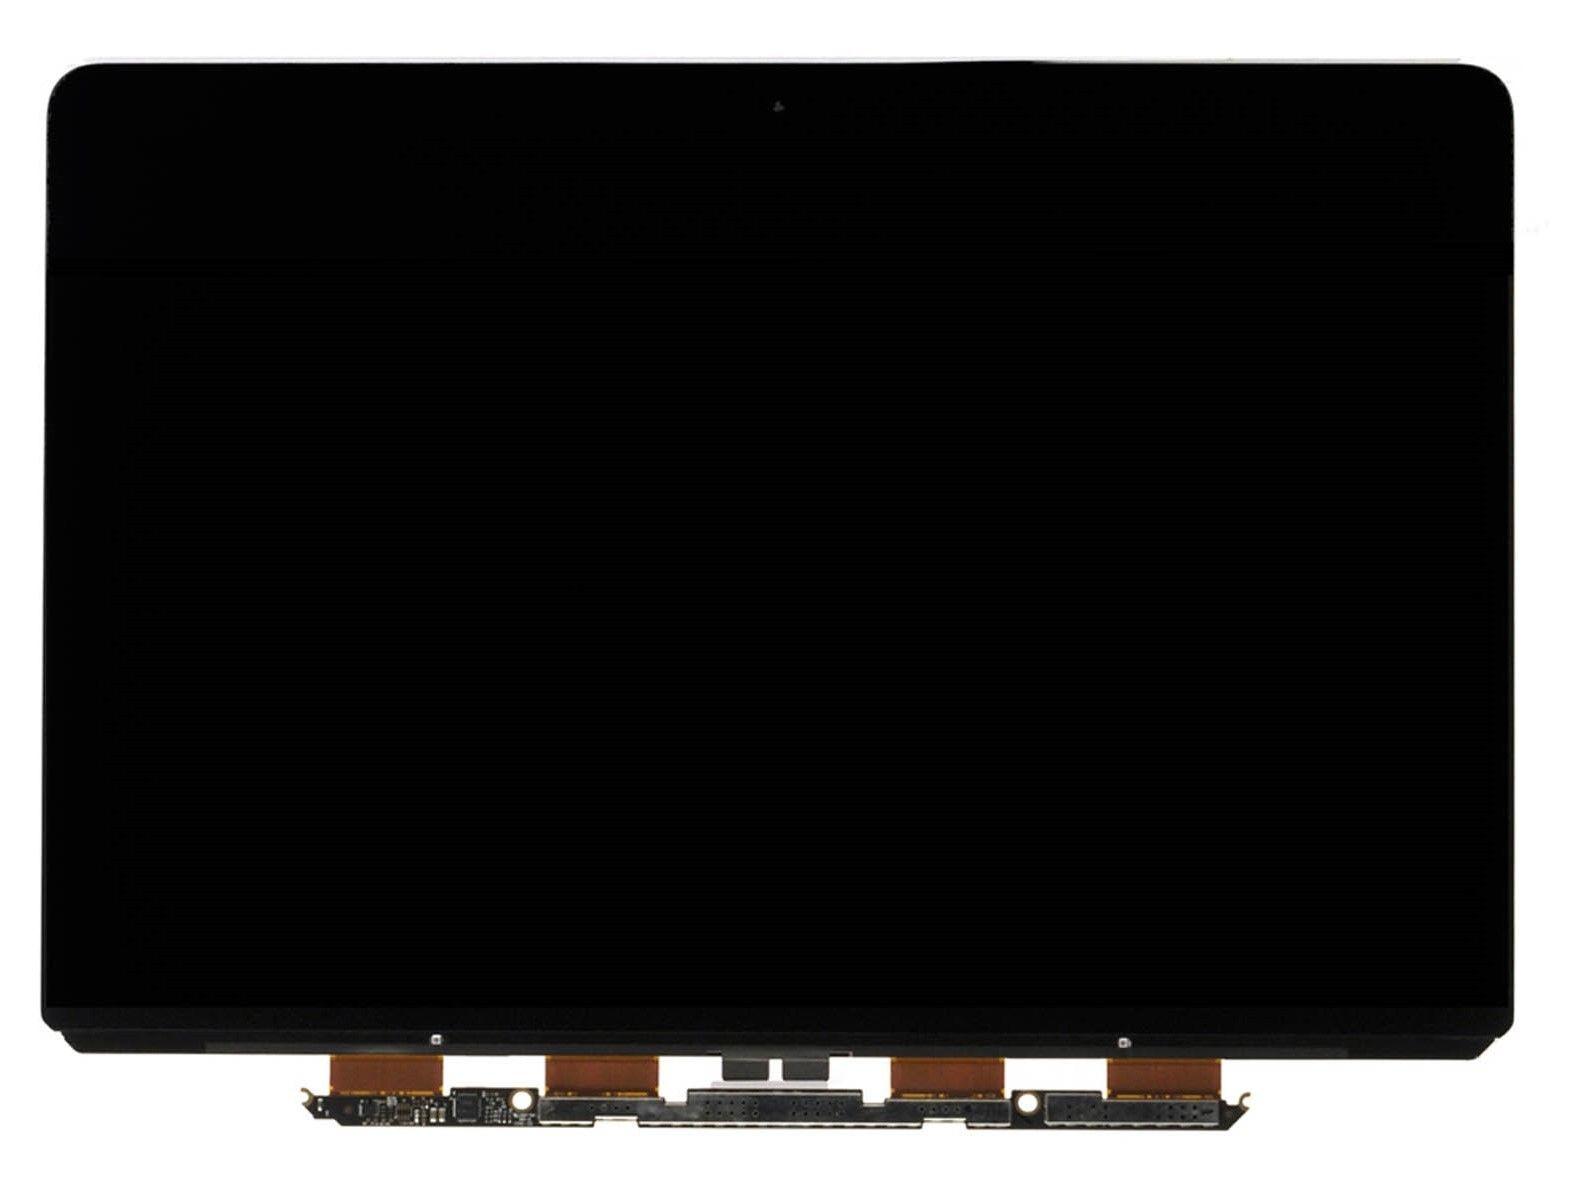 Cung Cấp Linh kiện Laptop Bàn Phím, Pin Sạc LCD Macbook hàng chính hãng giá gốc - 11